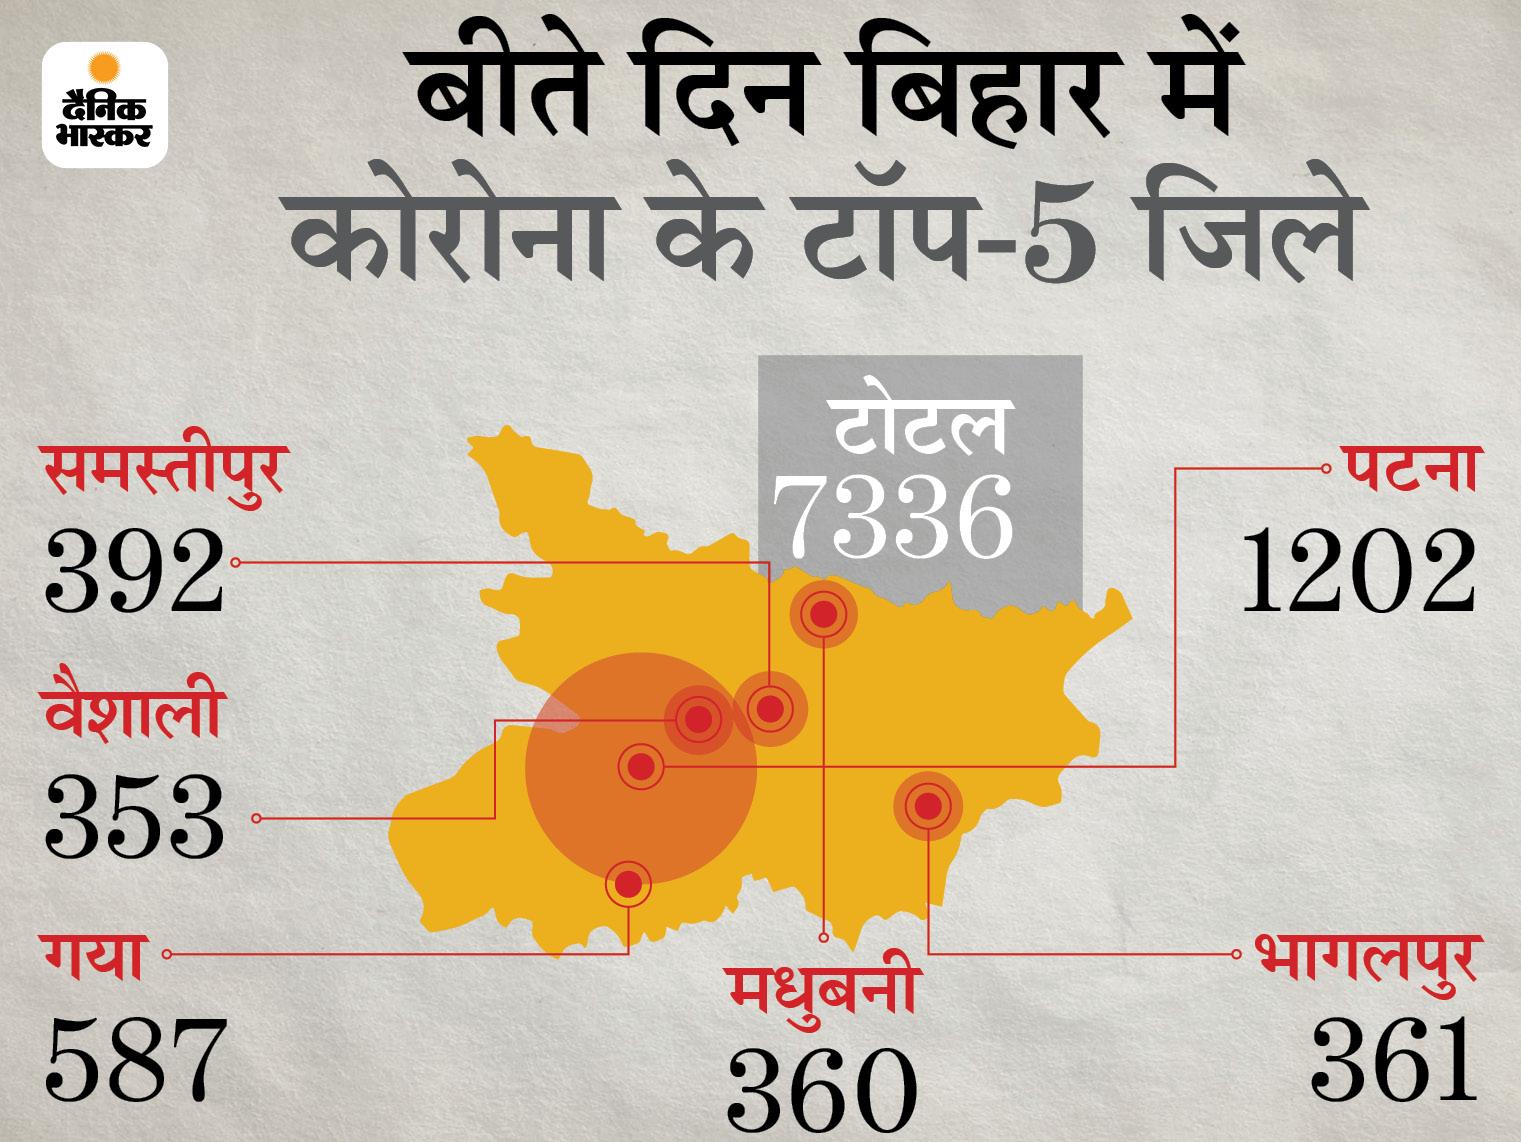 बिहार में अब 42486 केस एक्टिव। - Dainik Bhaskar